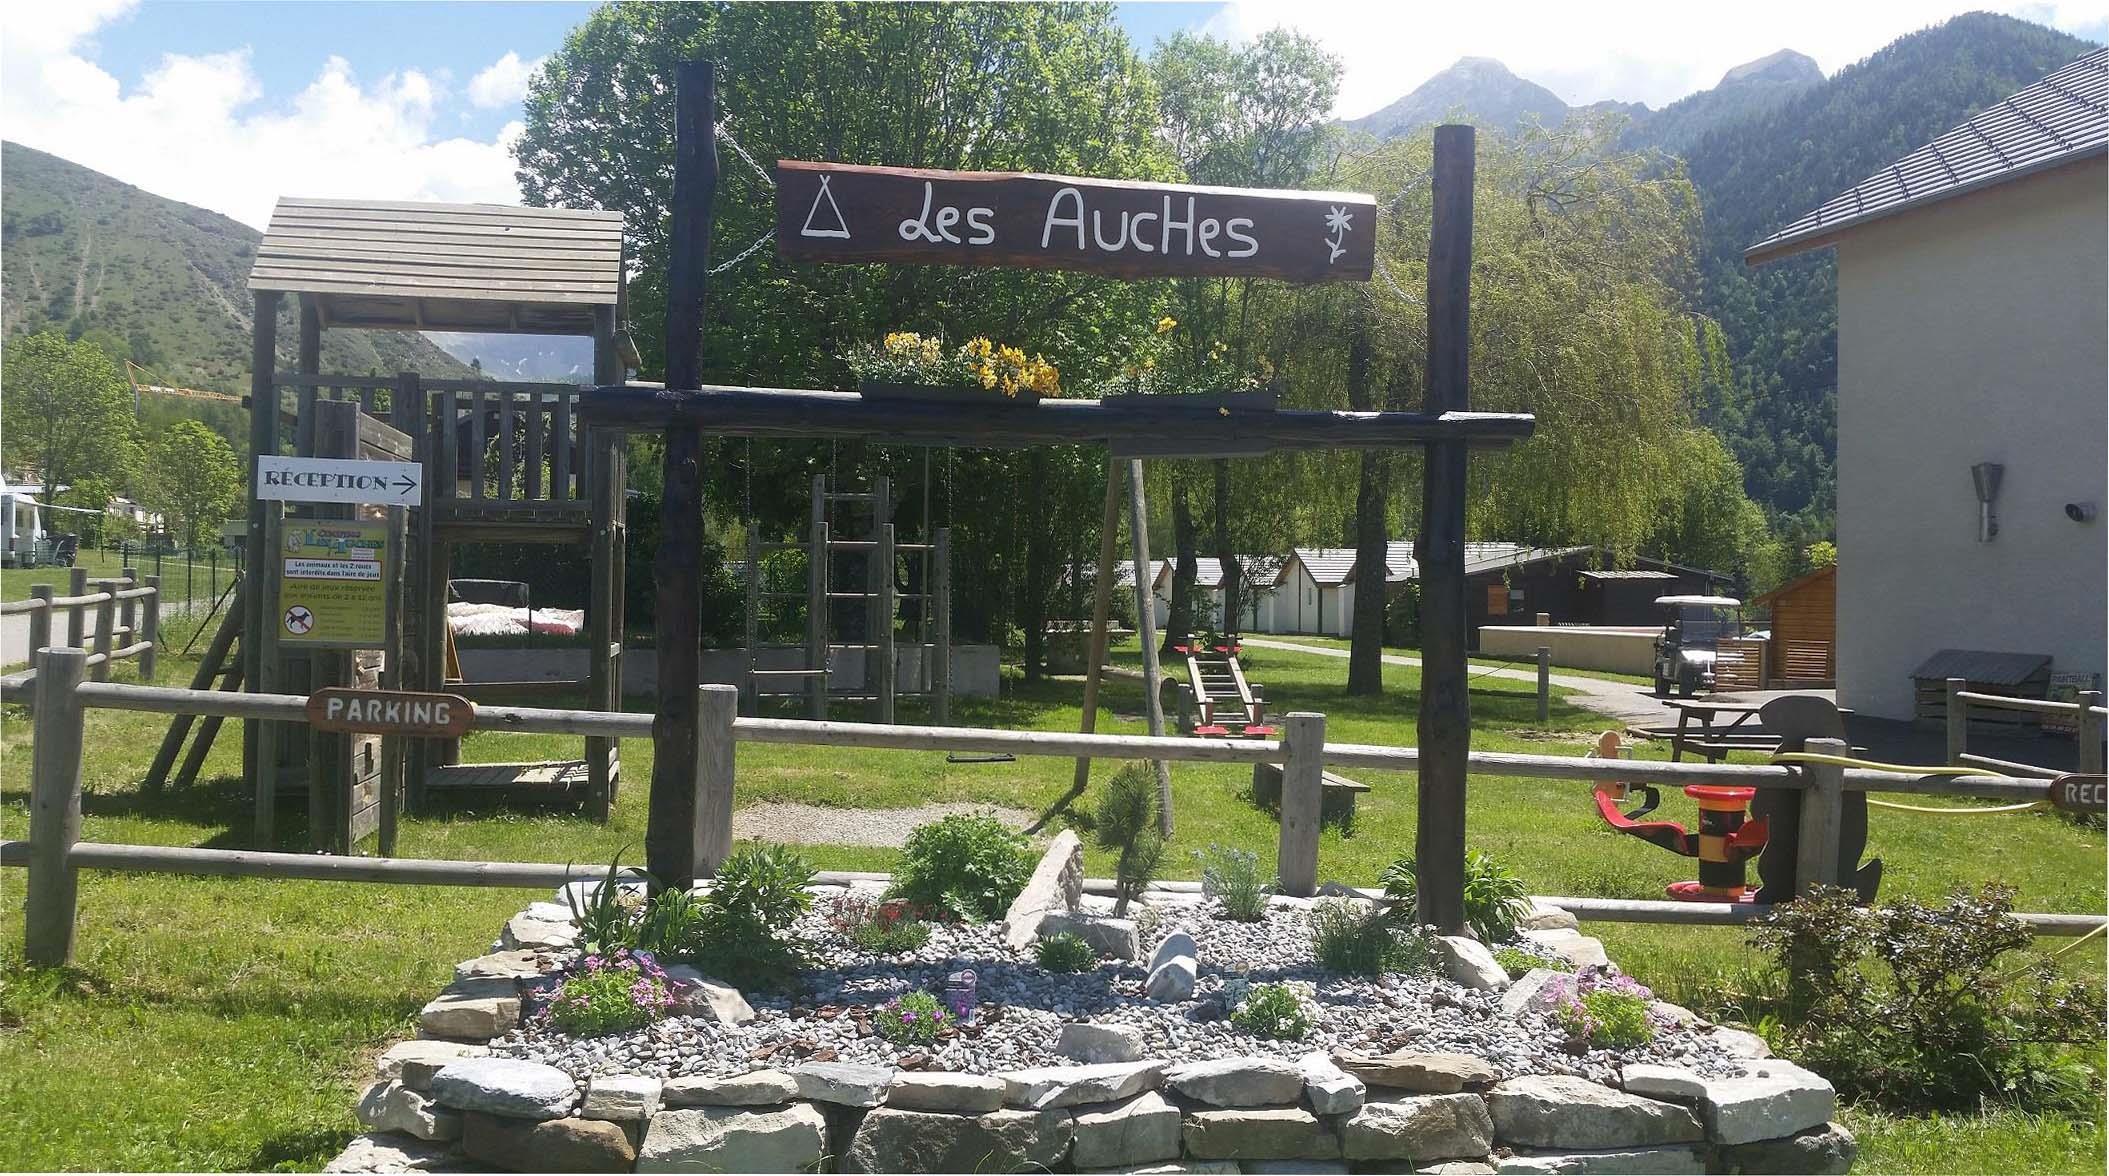 Camping les Auches, Ancelle, Hautes-Alpes